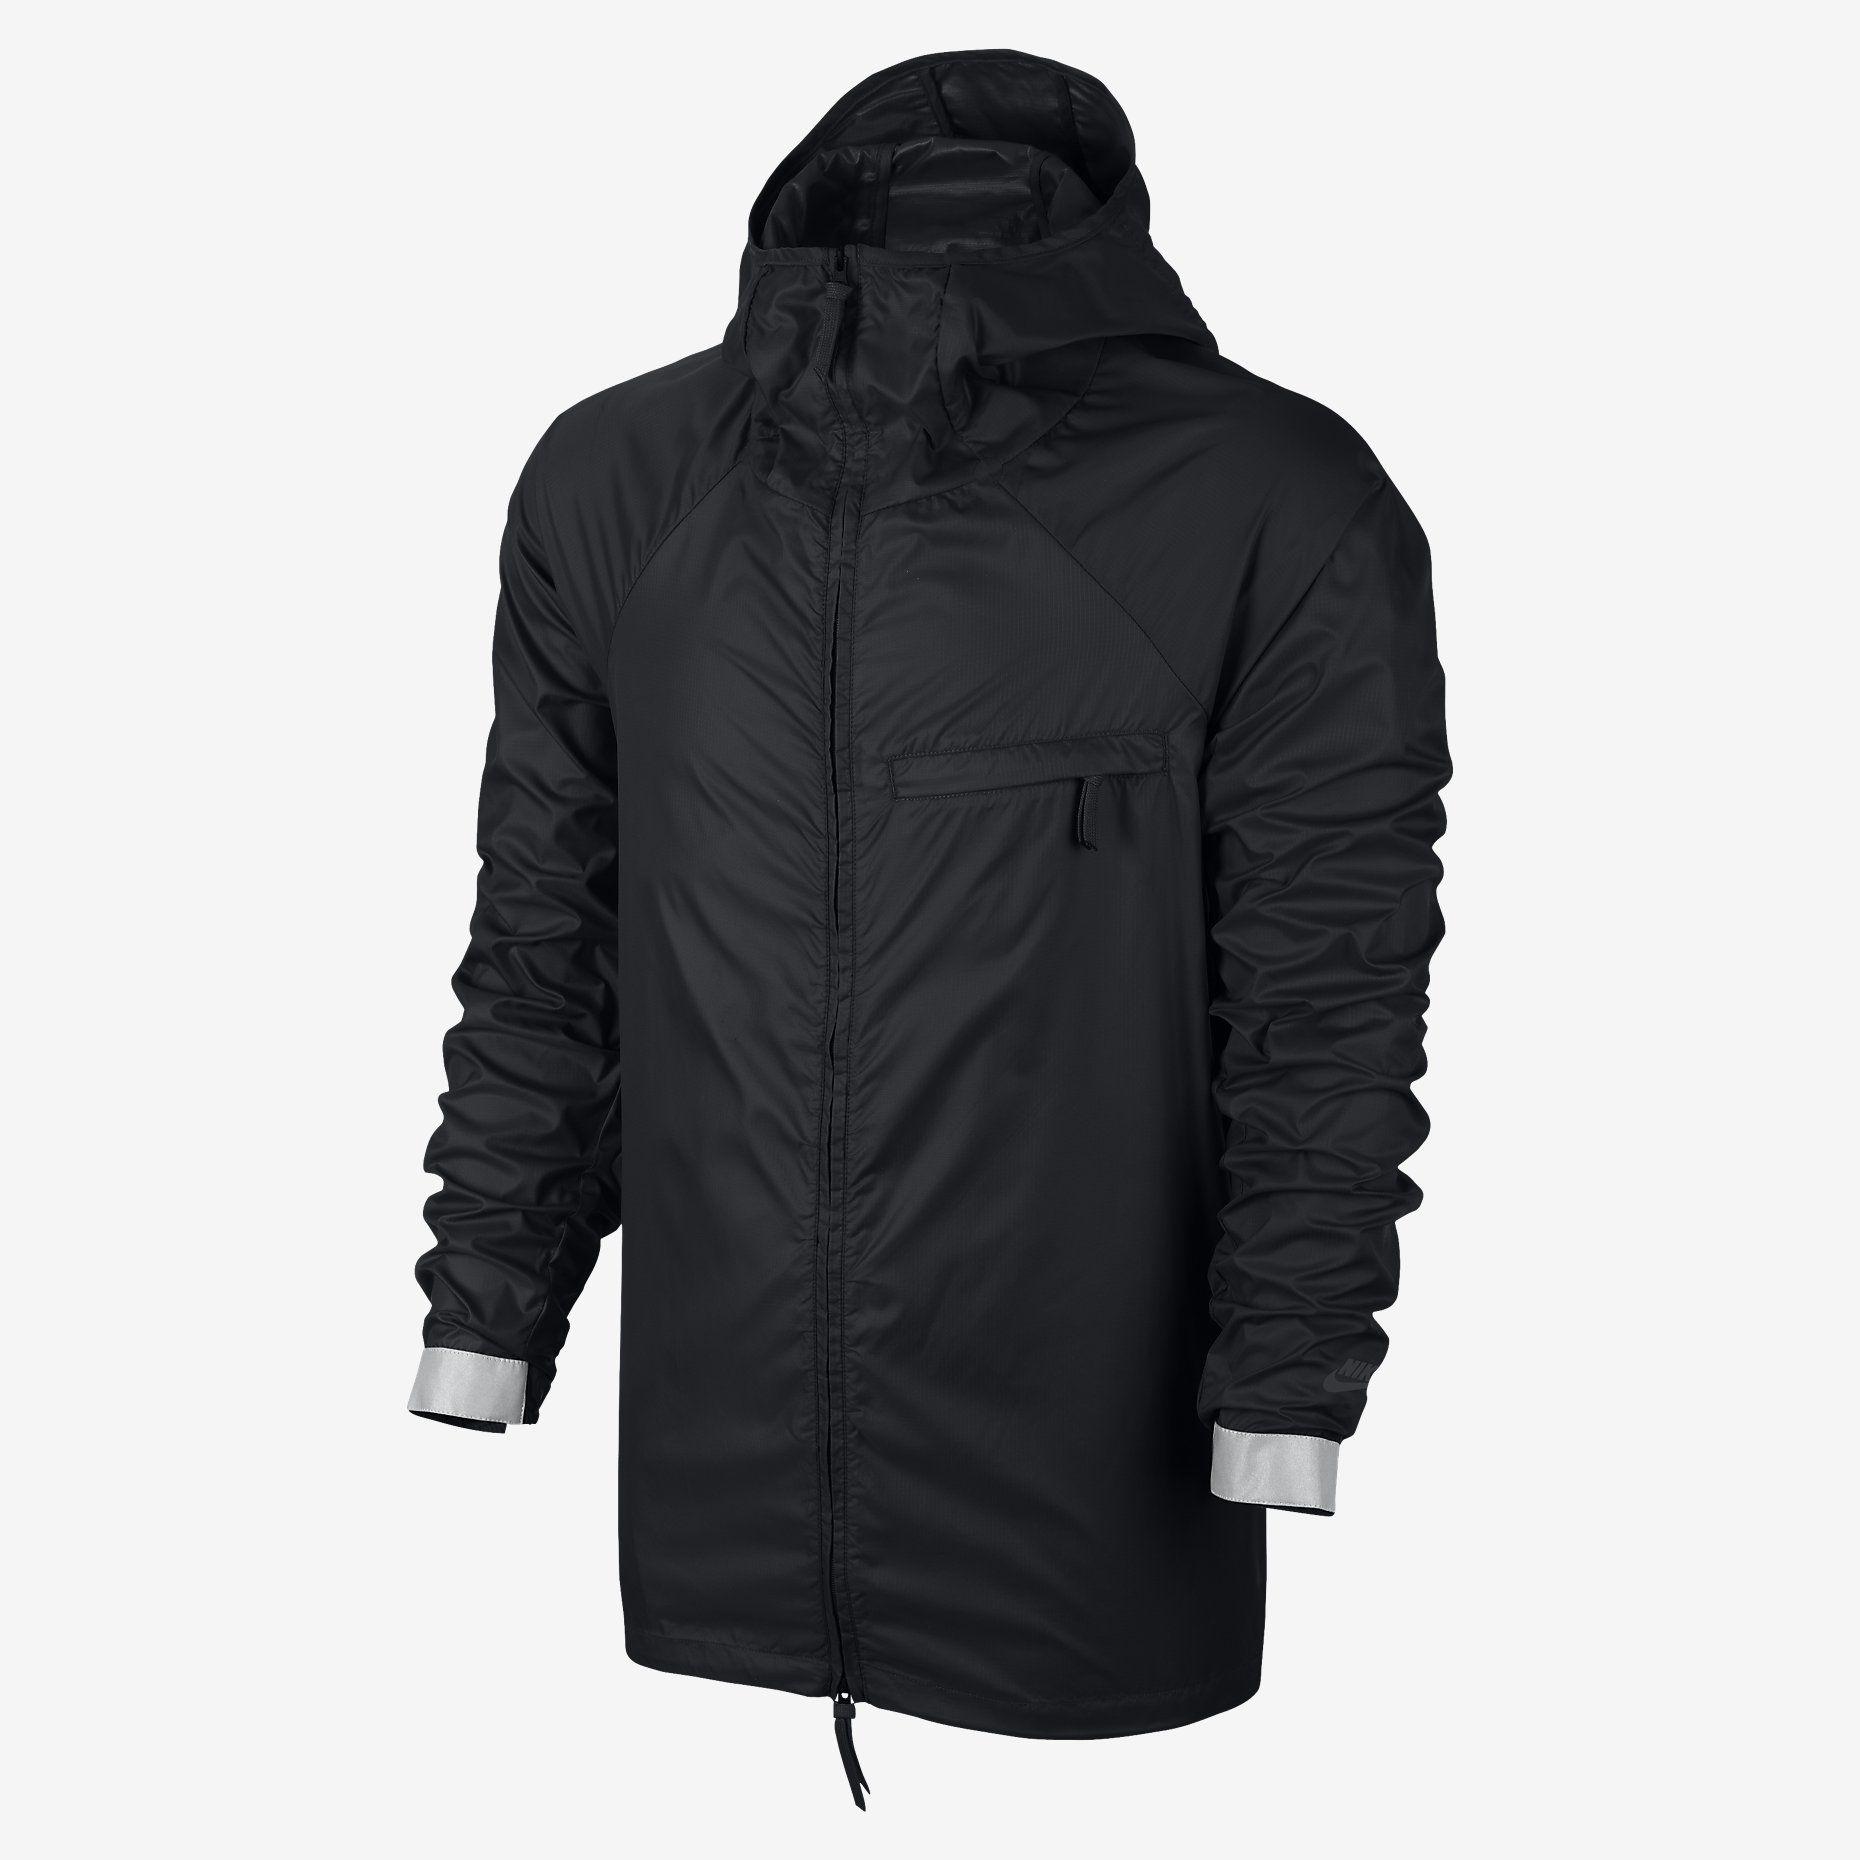 The Nike Sb Steele Lightweight Men S Jacket Outerwear Jackets Men S Coats And Jackets Mens Windbreaker [ 1860 x 1860 Pixel ]